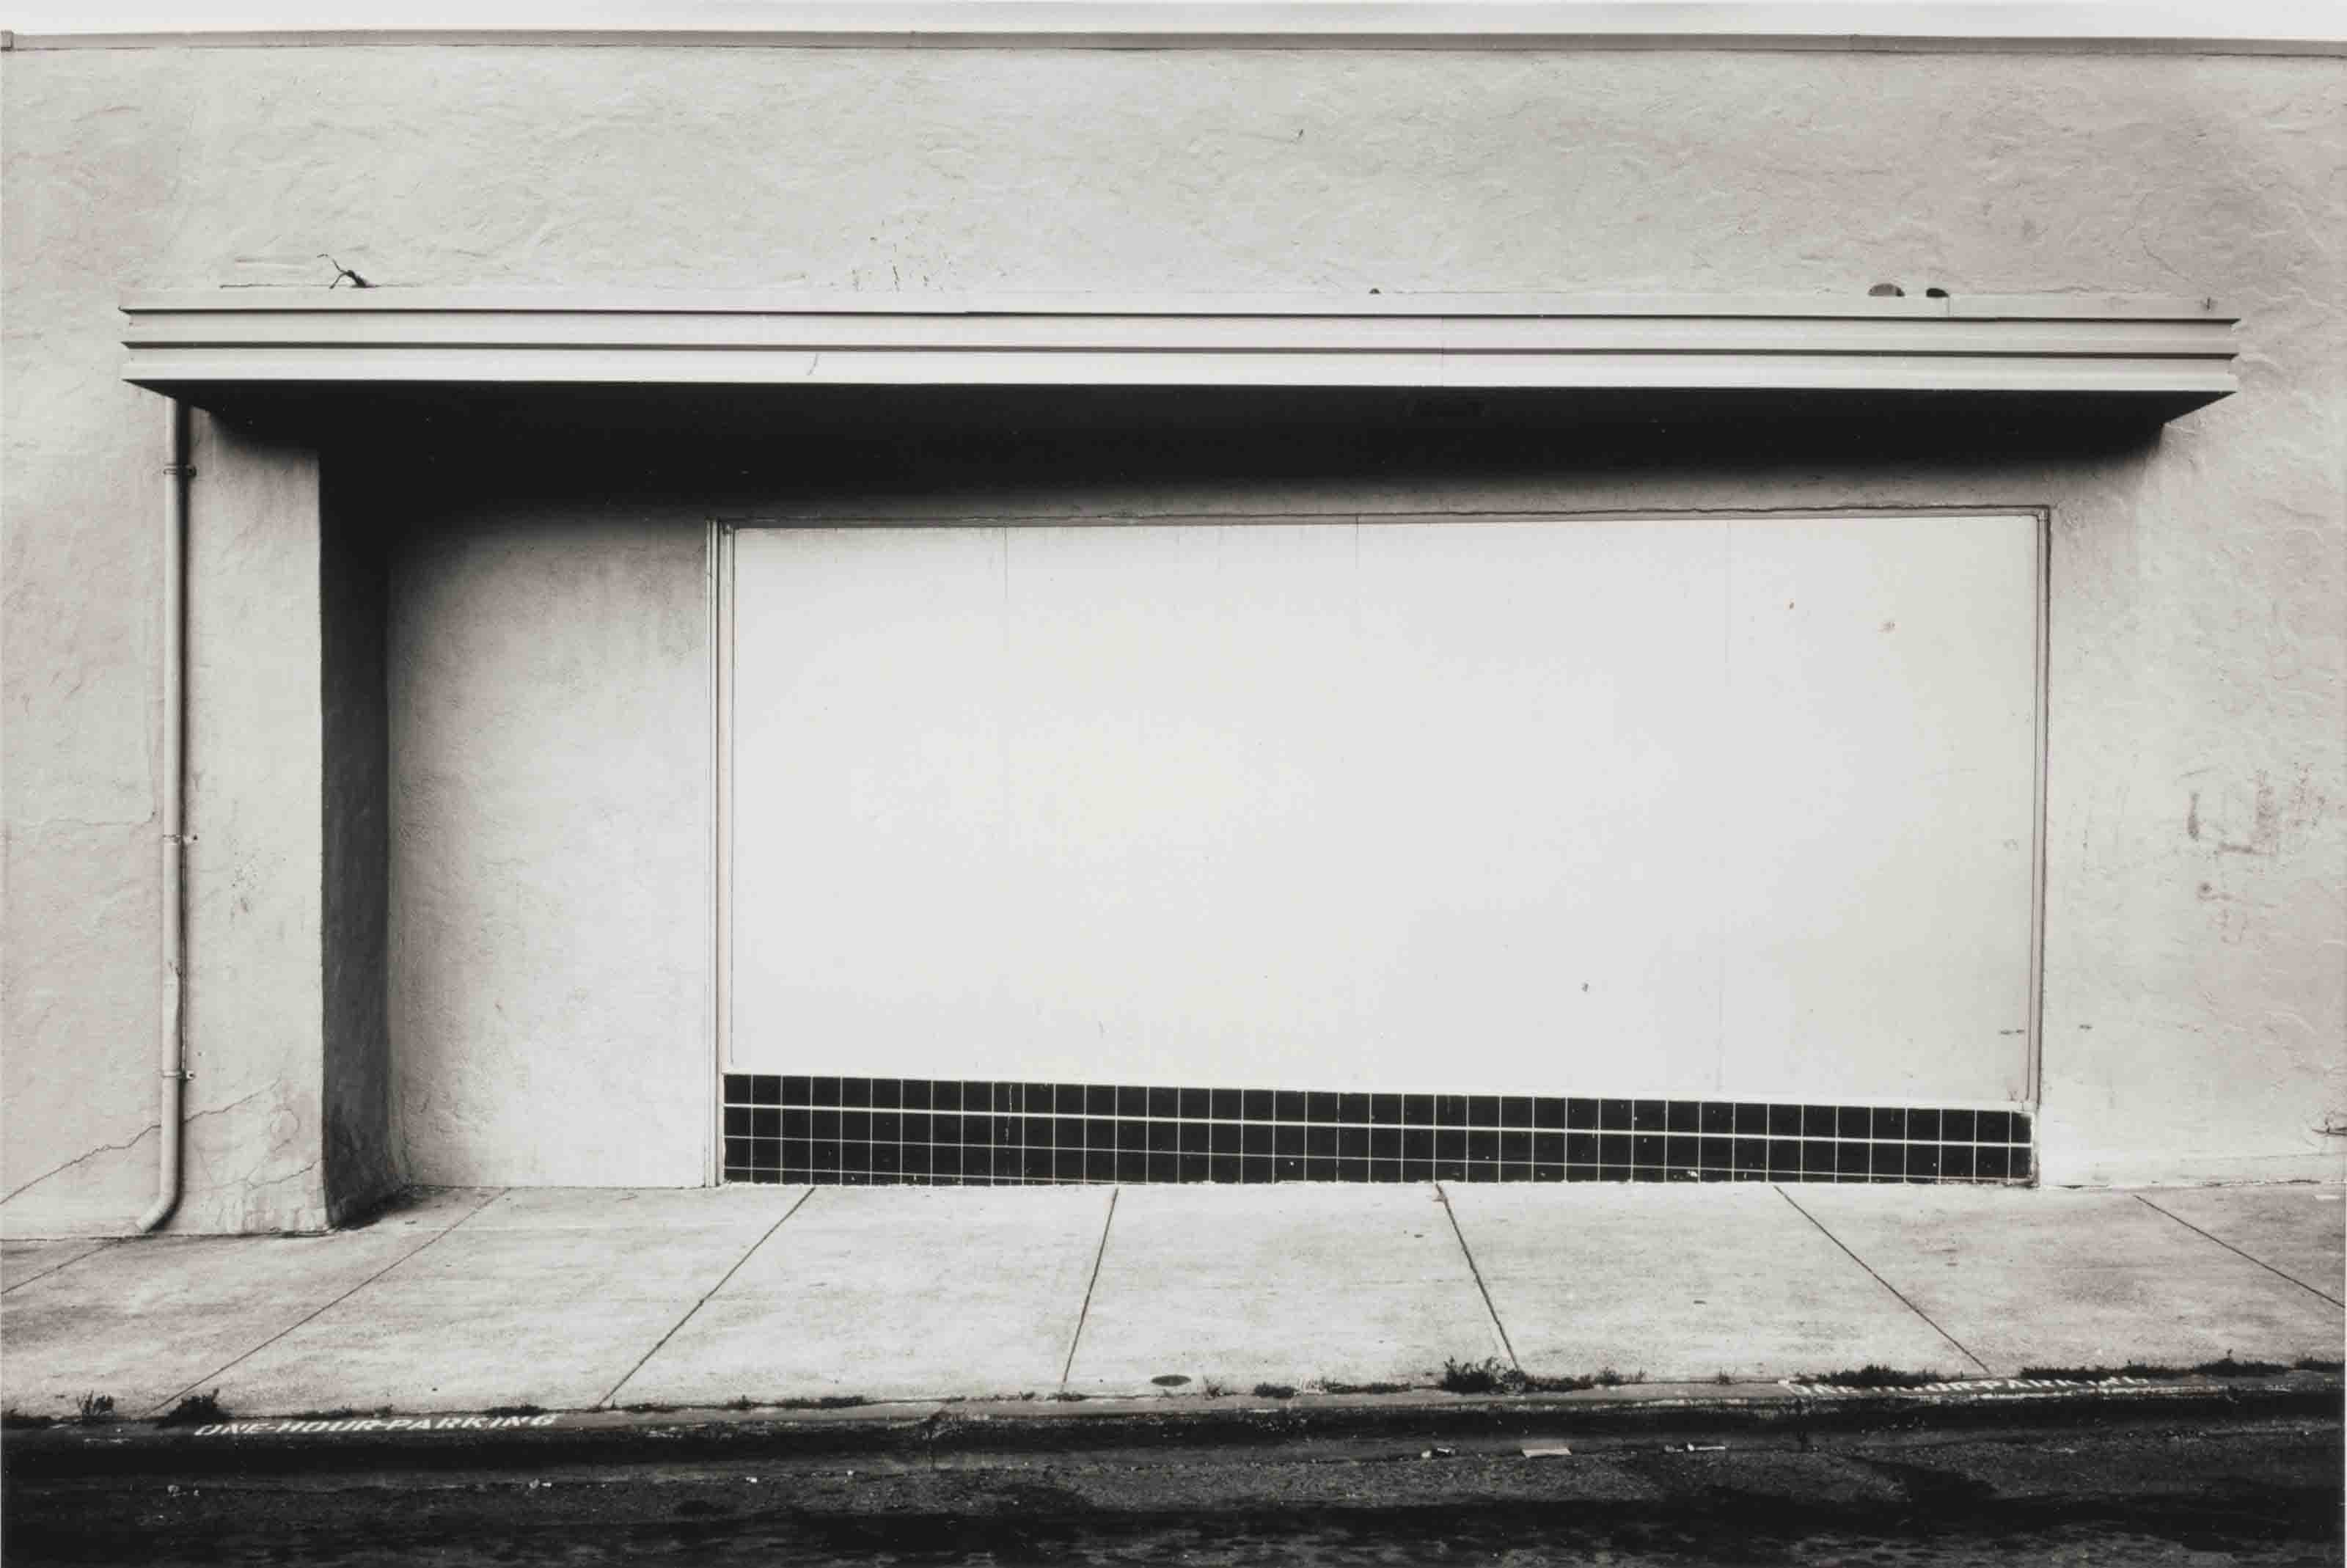 Fairfax, 1973